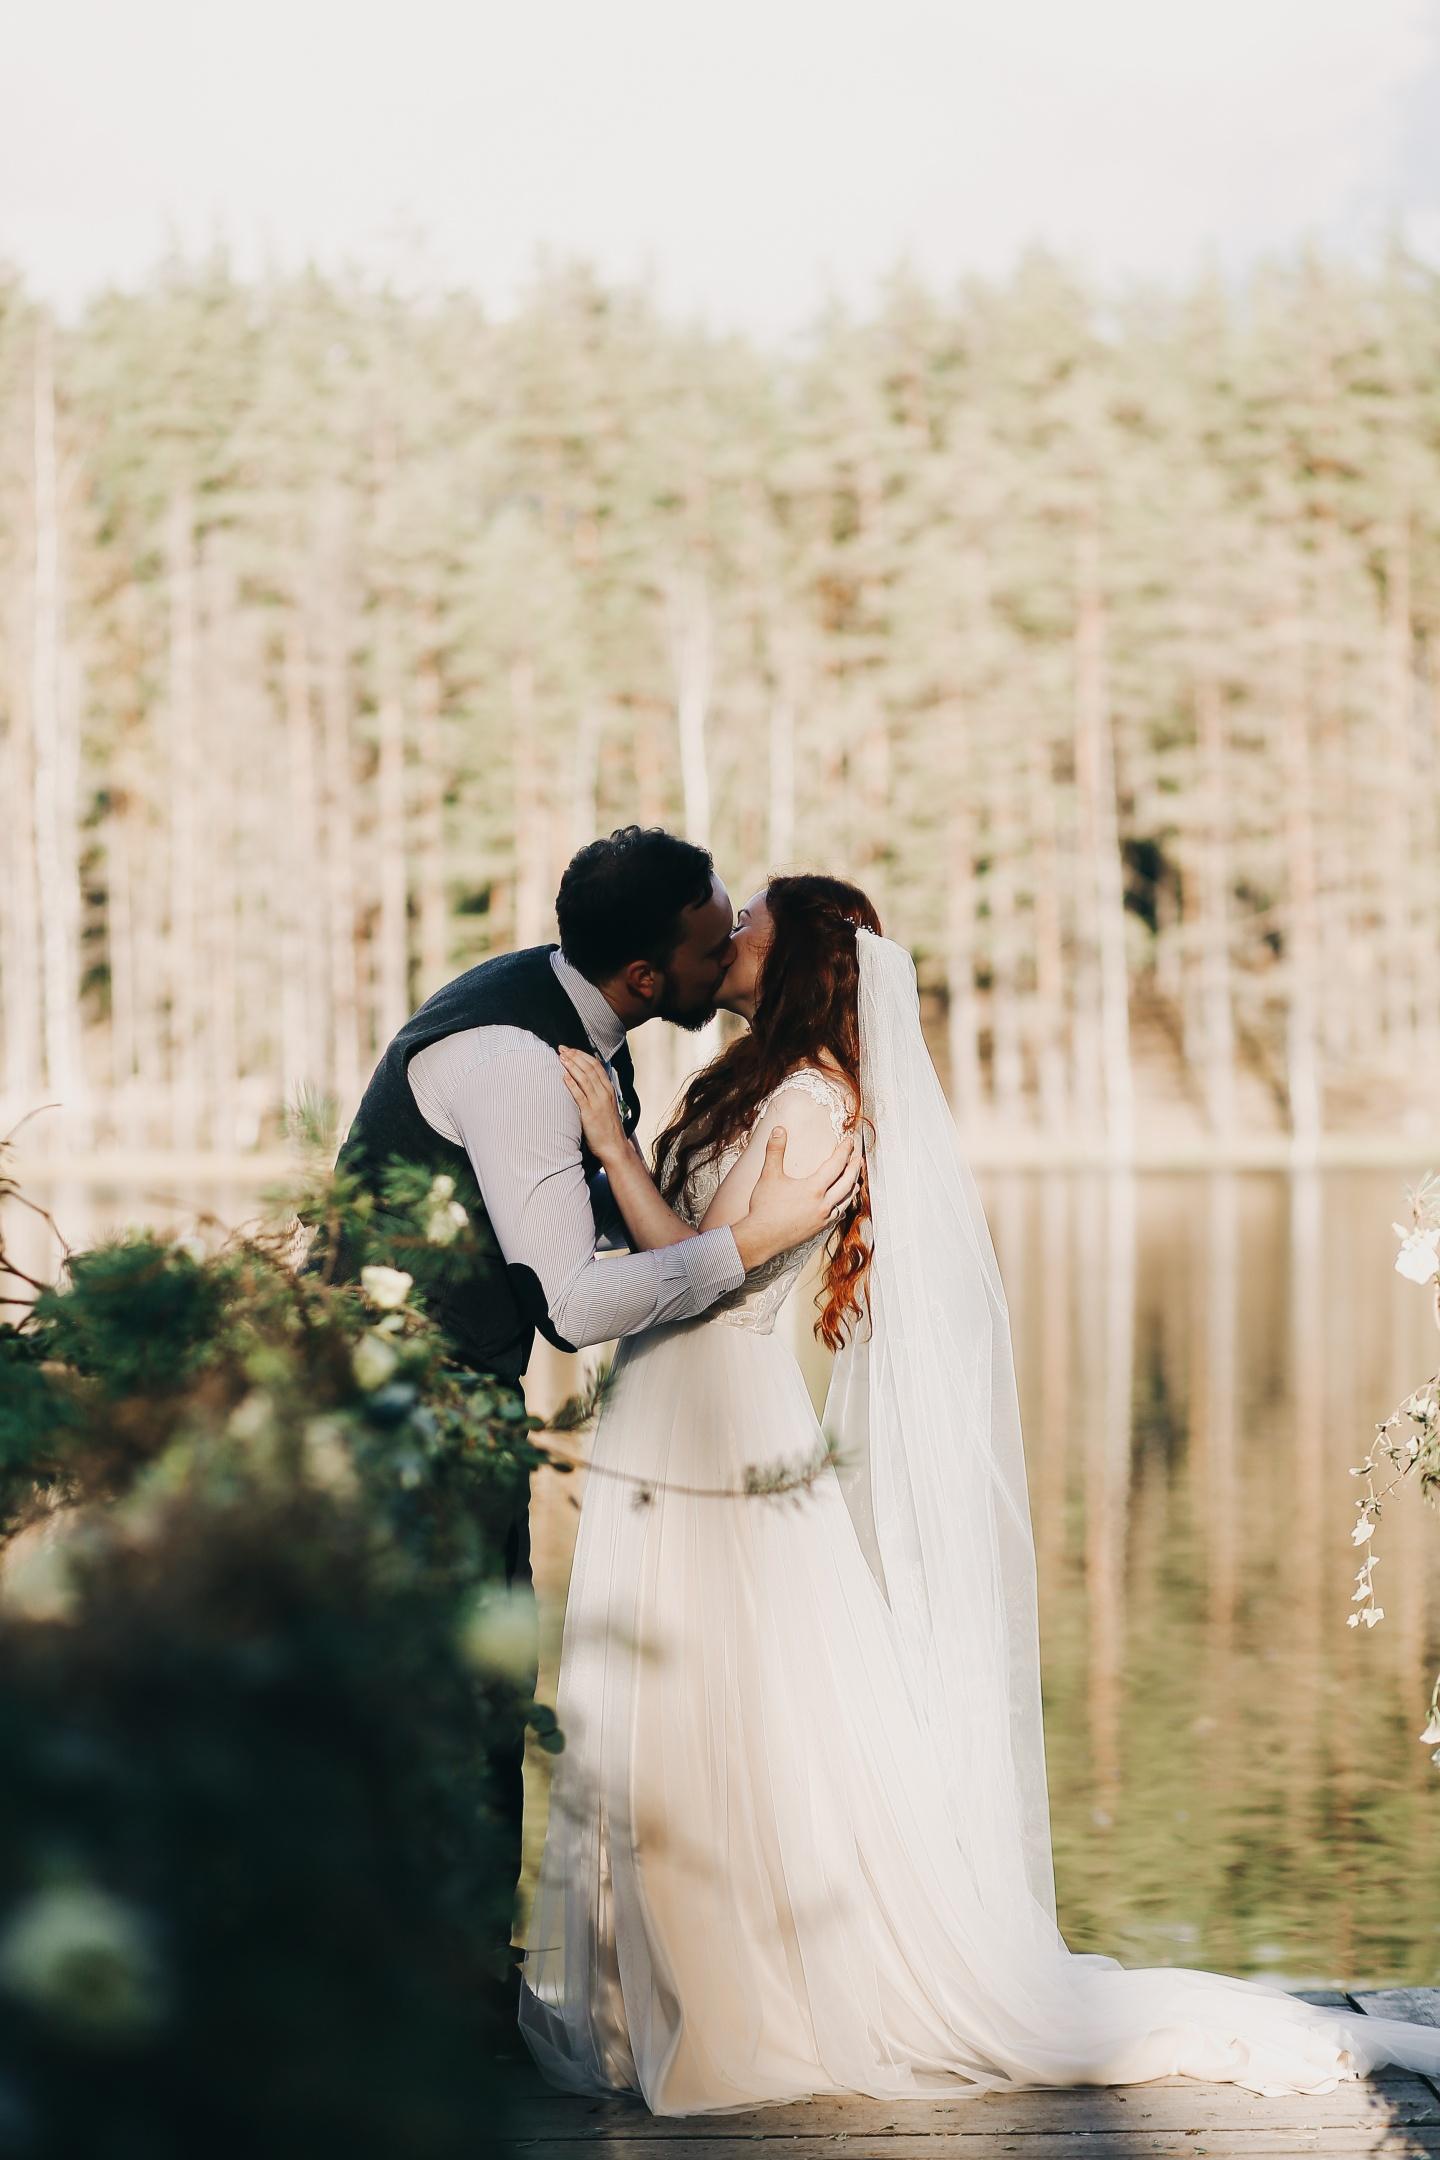 Как мы организовали волшебную лесную свадьбу: история Дарьи и Антона